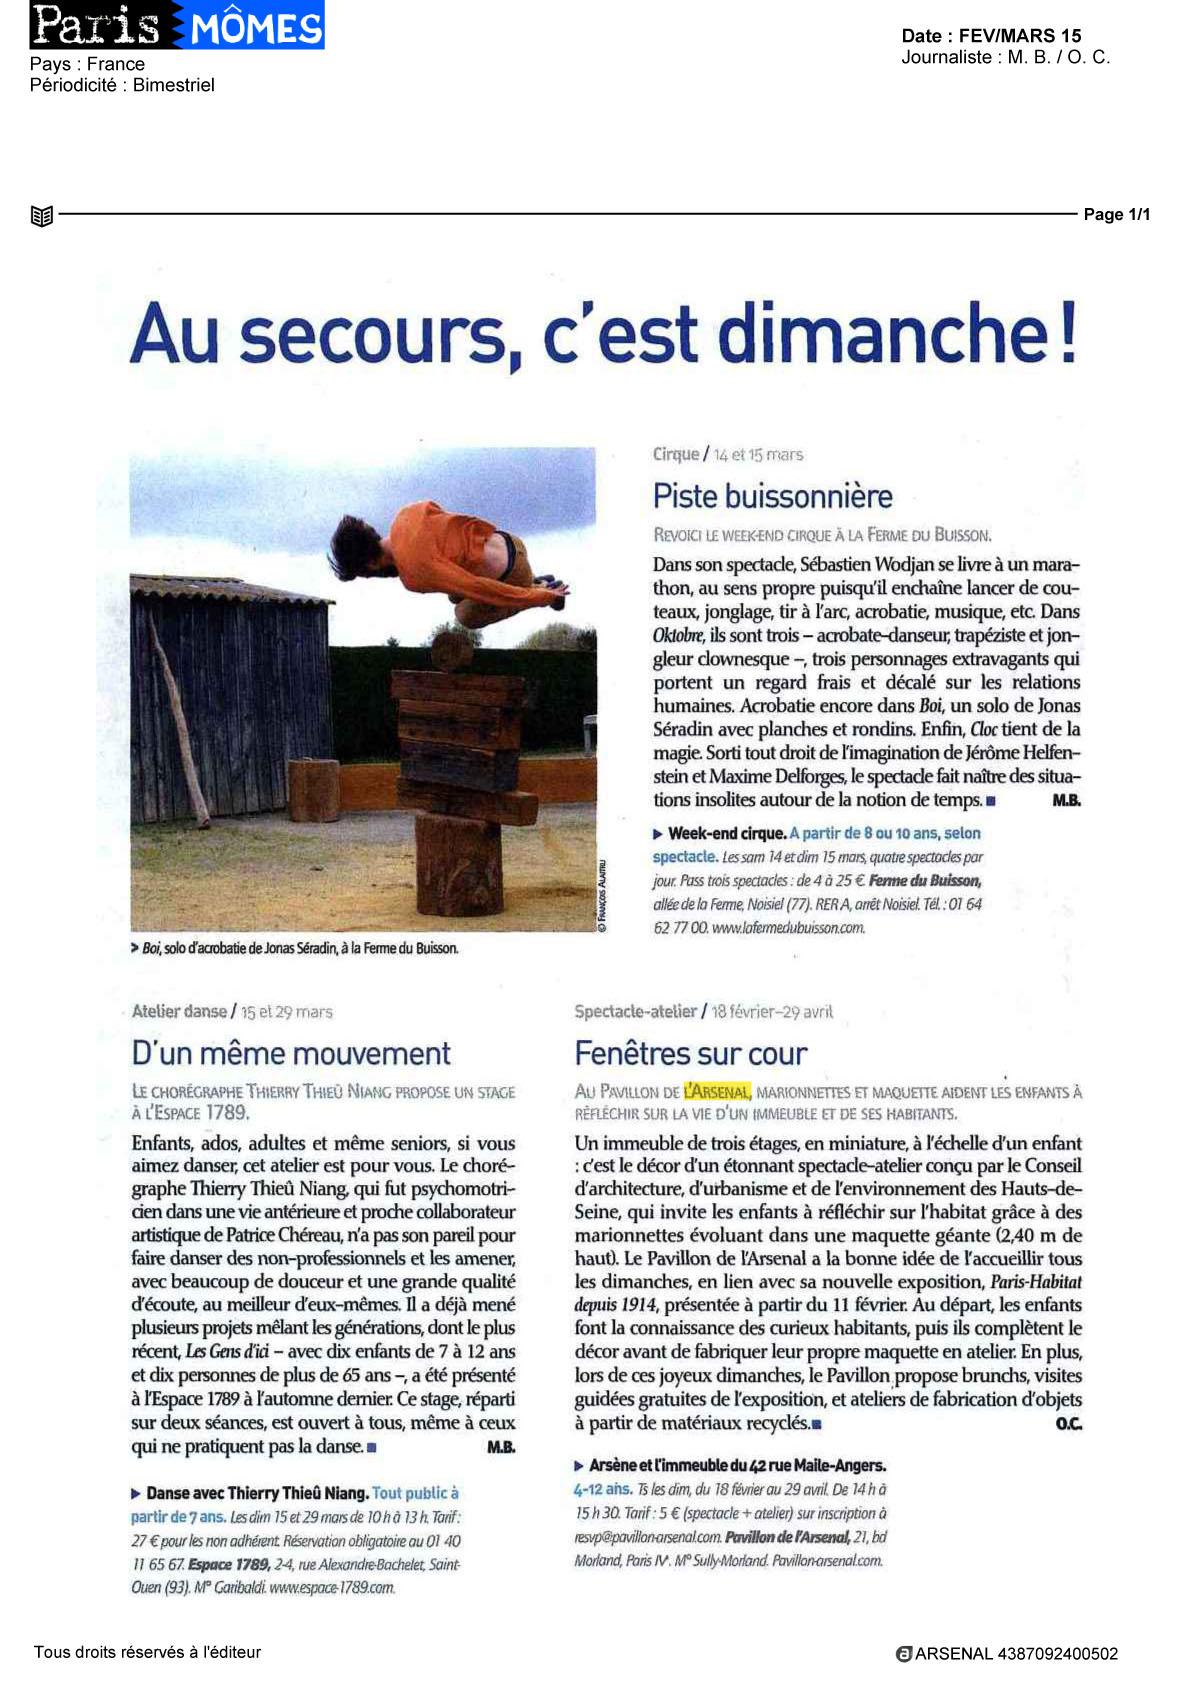 2015-02-04~1834@PARIS_MOMES